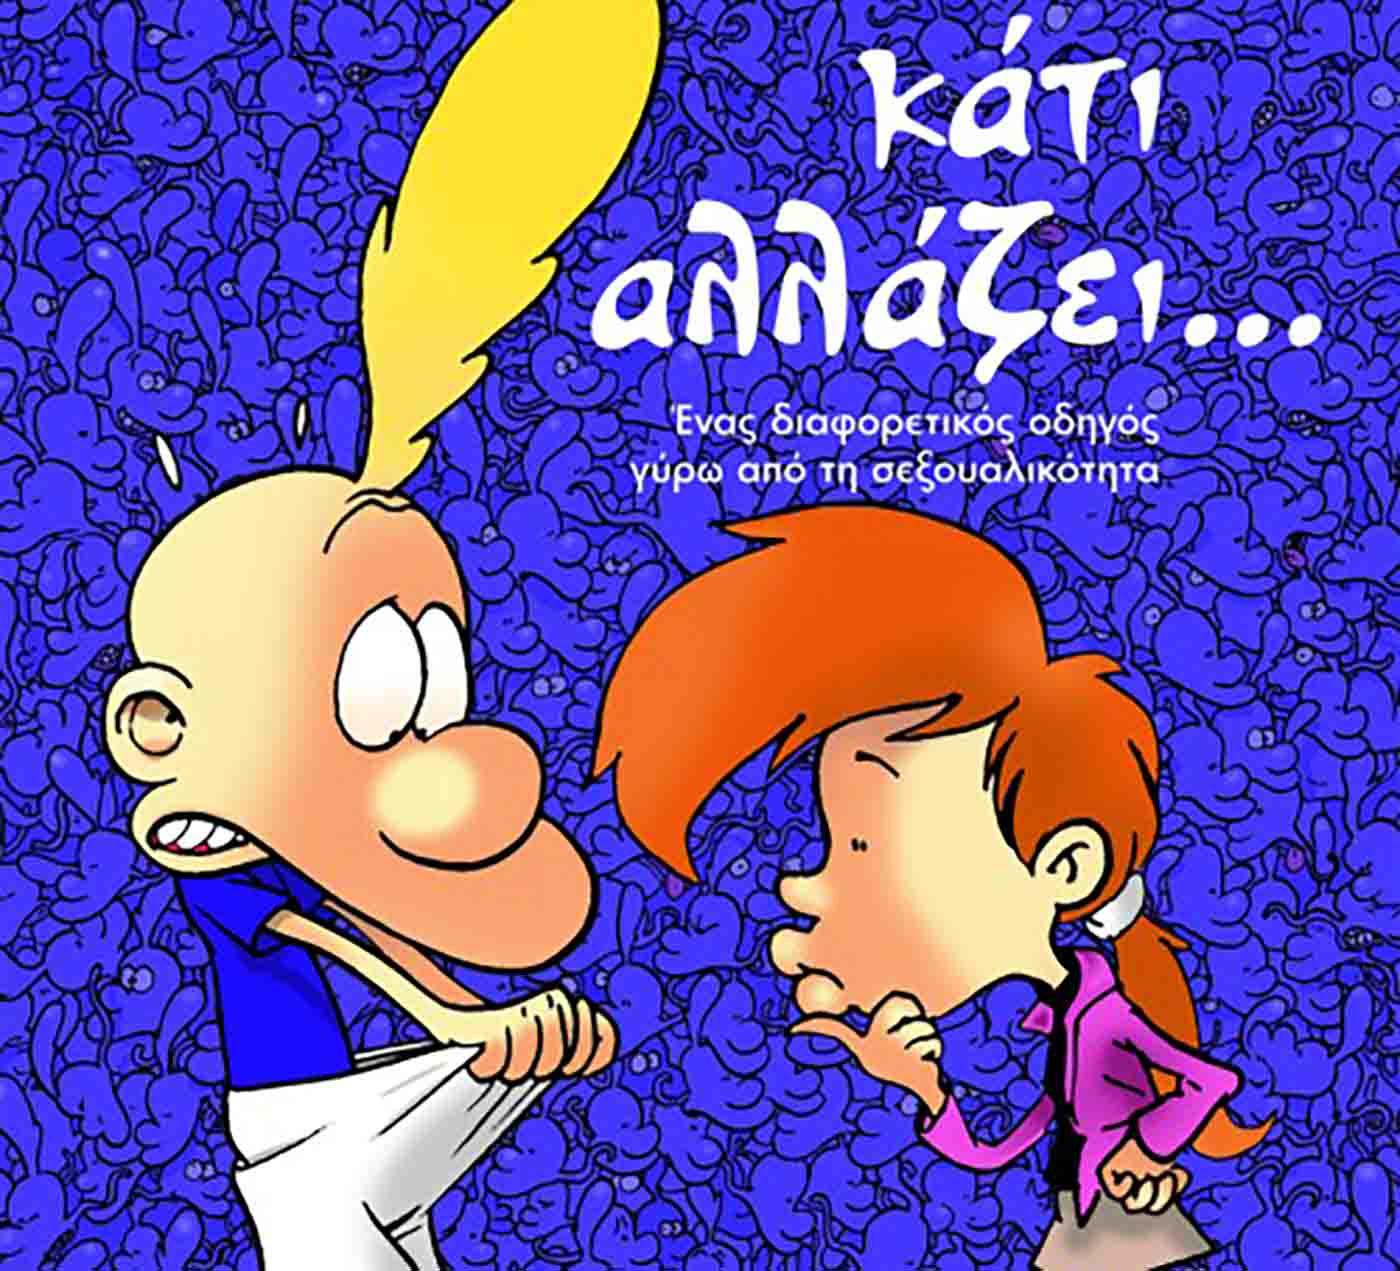 Ένα εναλλακτικό βιβλίο για τη σεξουαλικότητα -Thisisus.gr